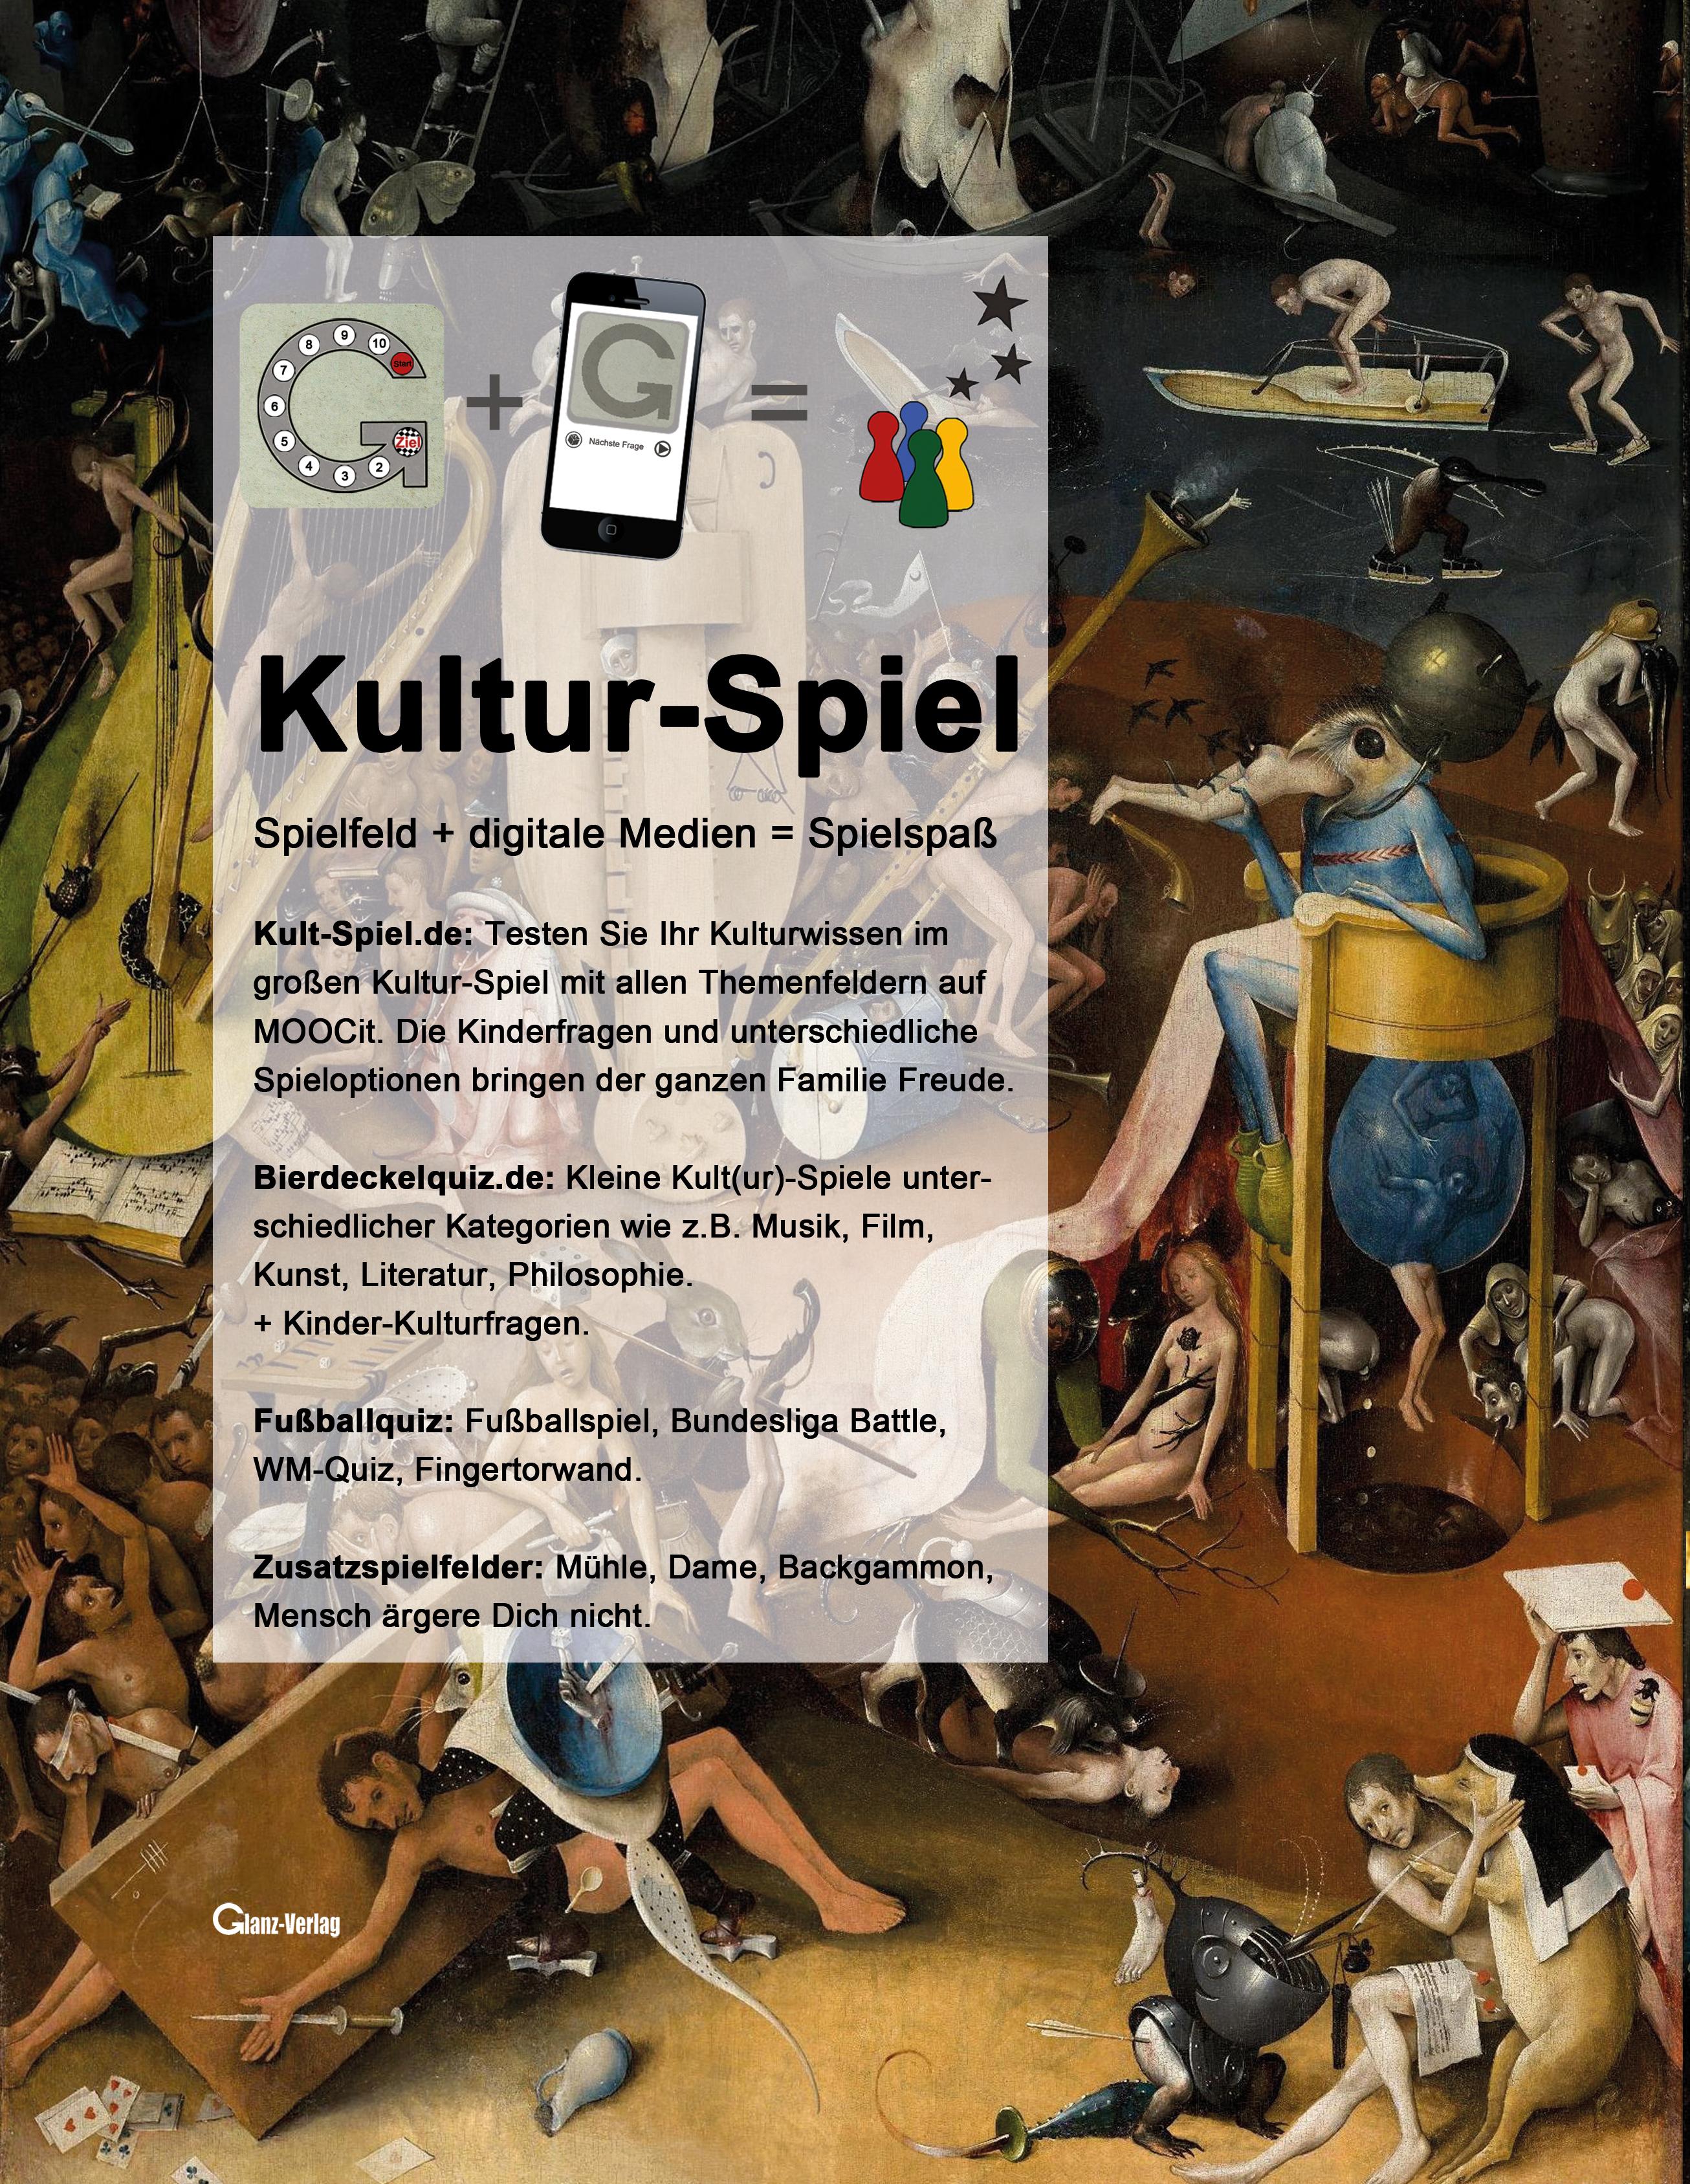 Glanz Verlag Freiburger Kneipen Tour Kult Spiele